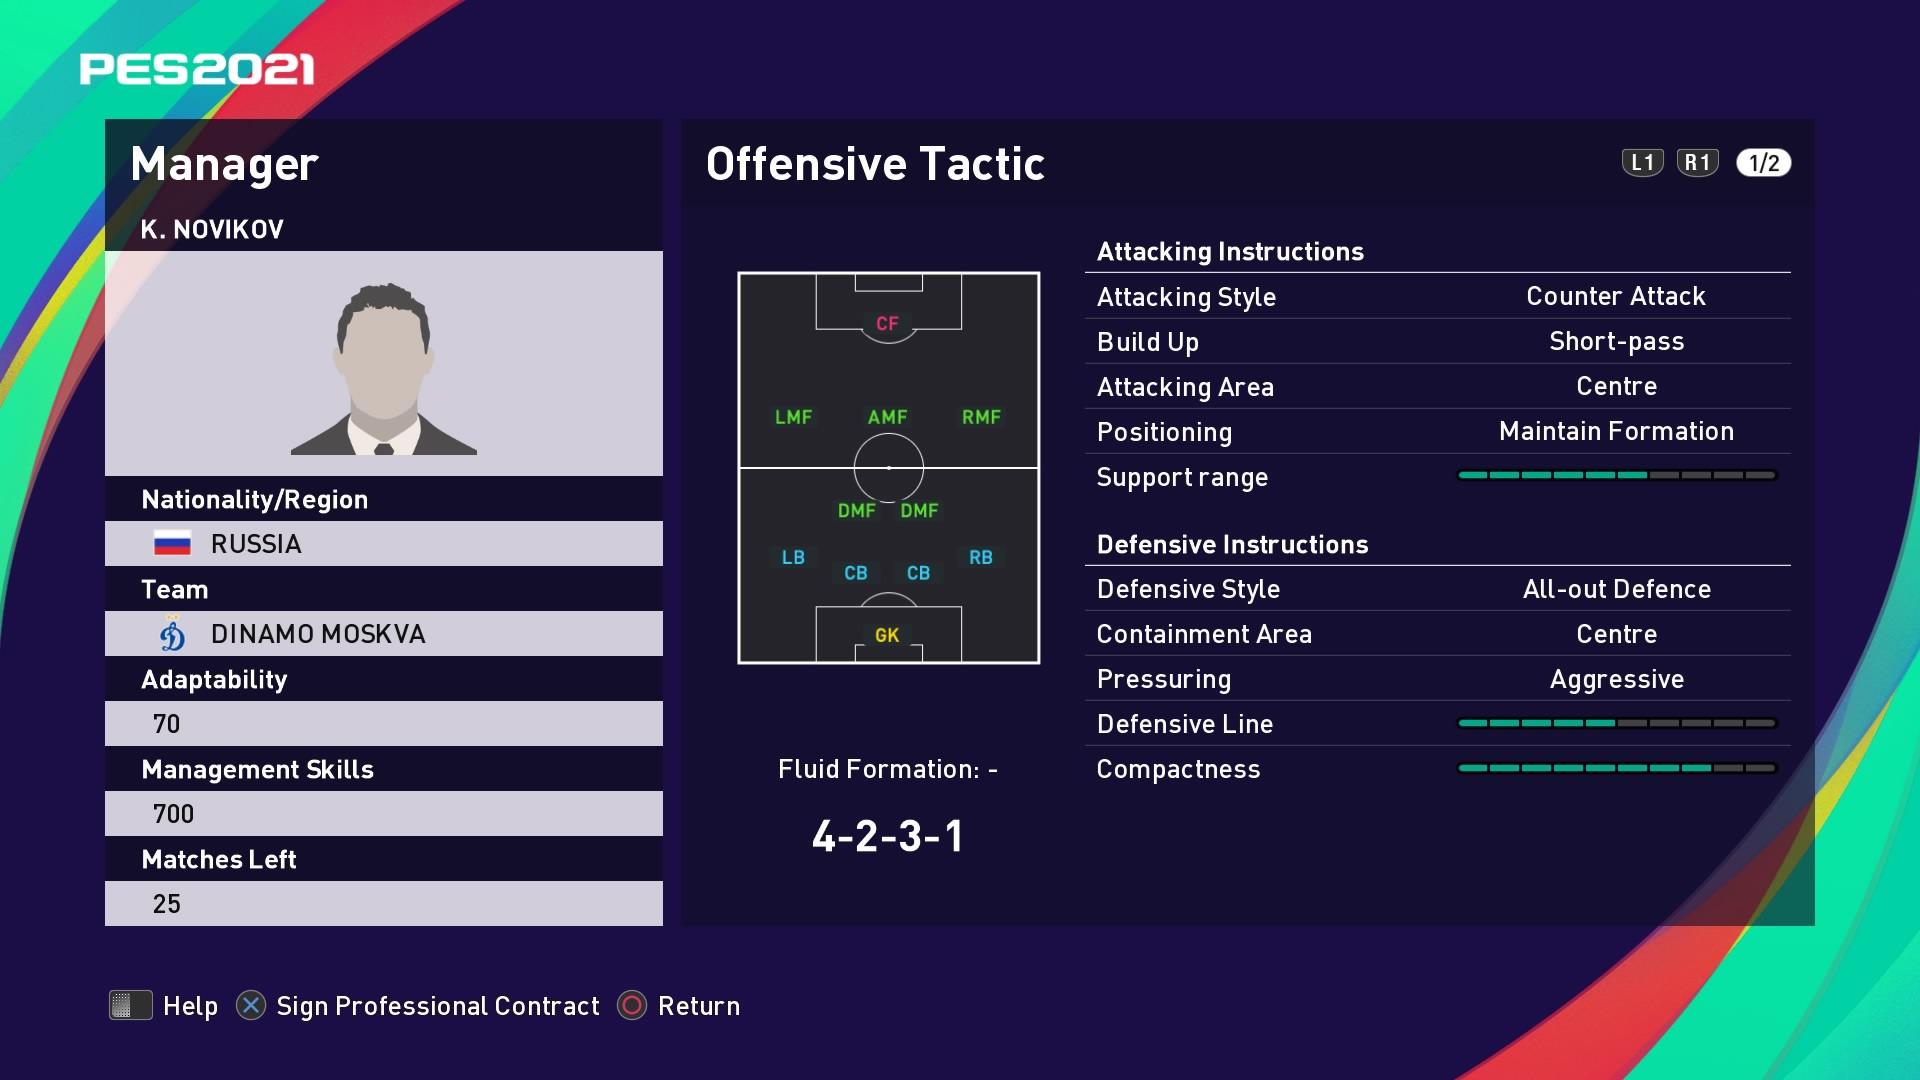 K. Novikov (Kirill Novikov) Offensive Tactic in PES 2021 myClub